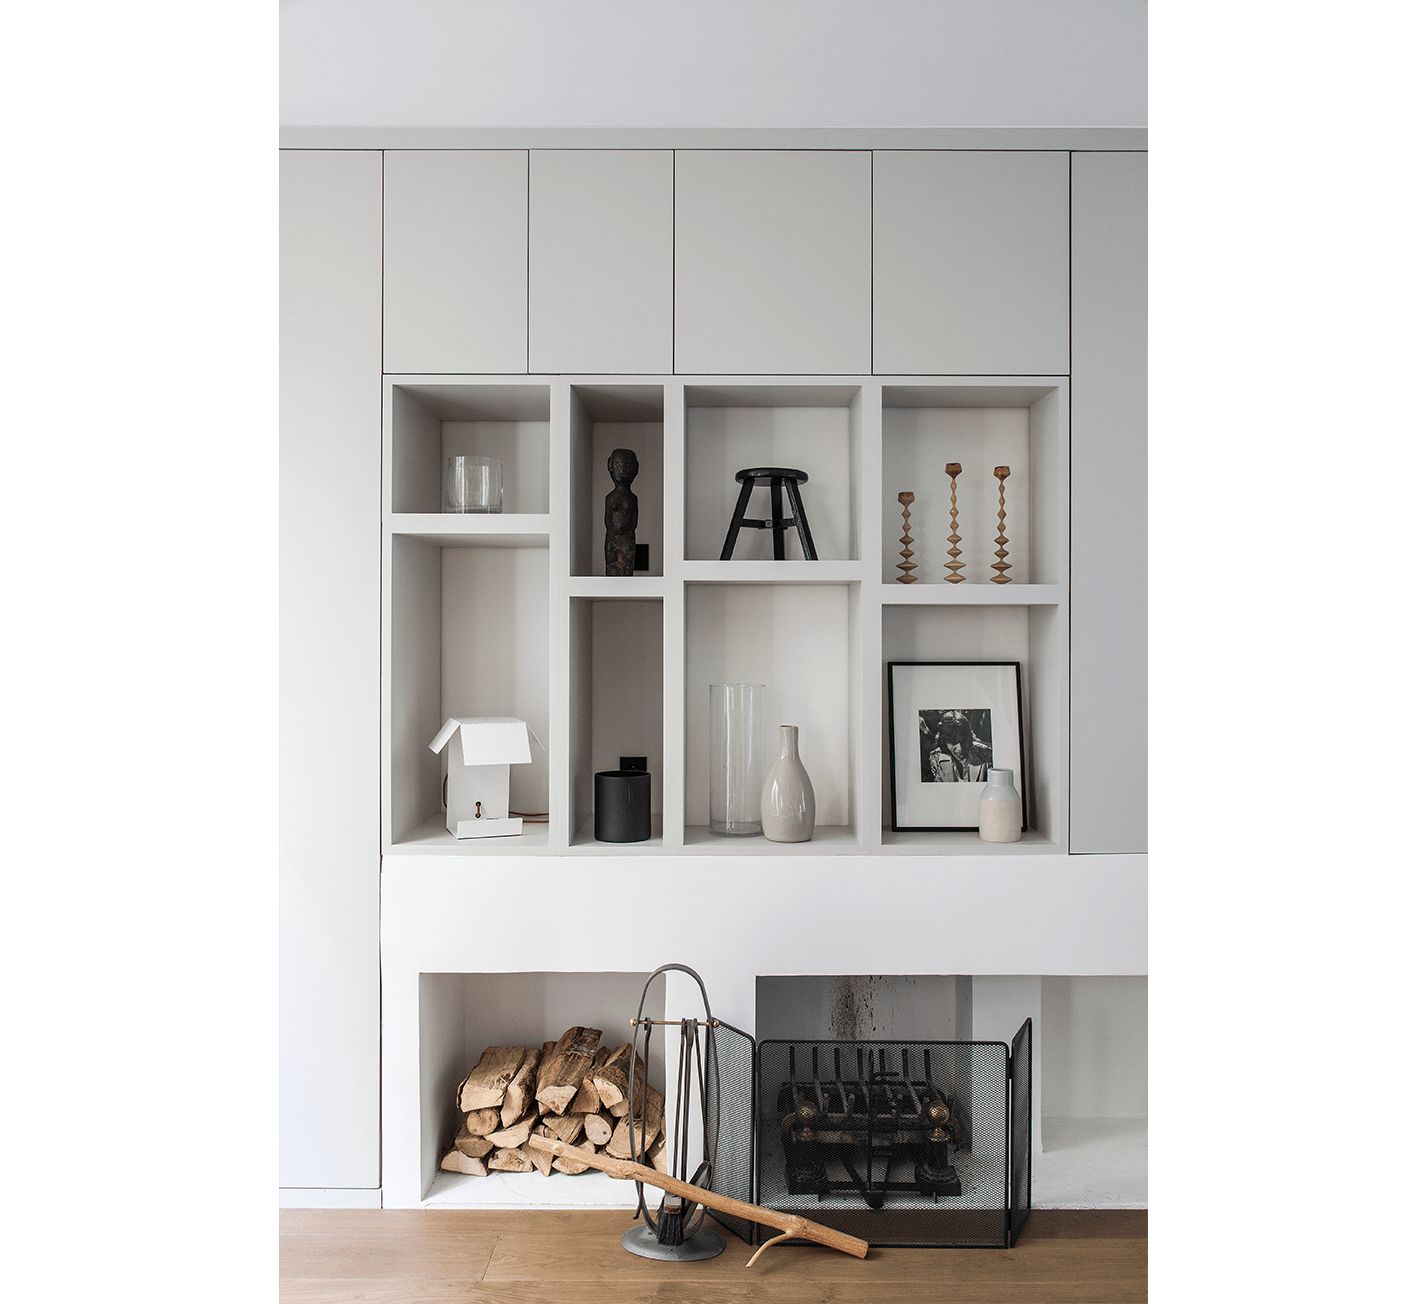 Projet-Square-Chaure-Atelier-Steve-Pauline-Borgia-Architecture-interieur-13-min